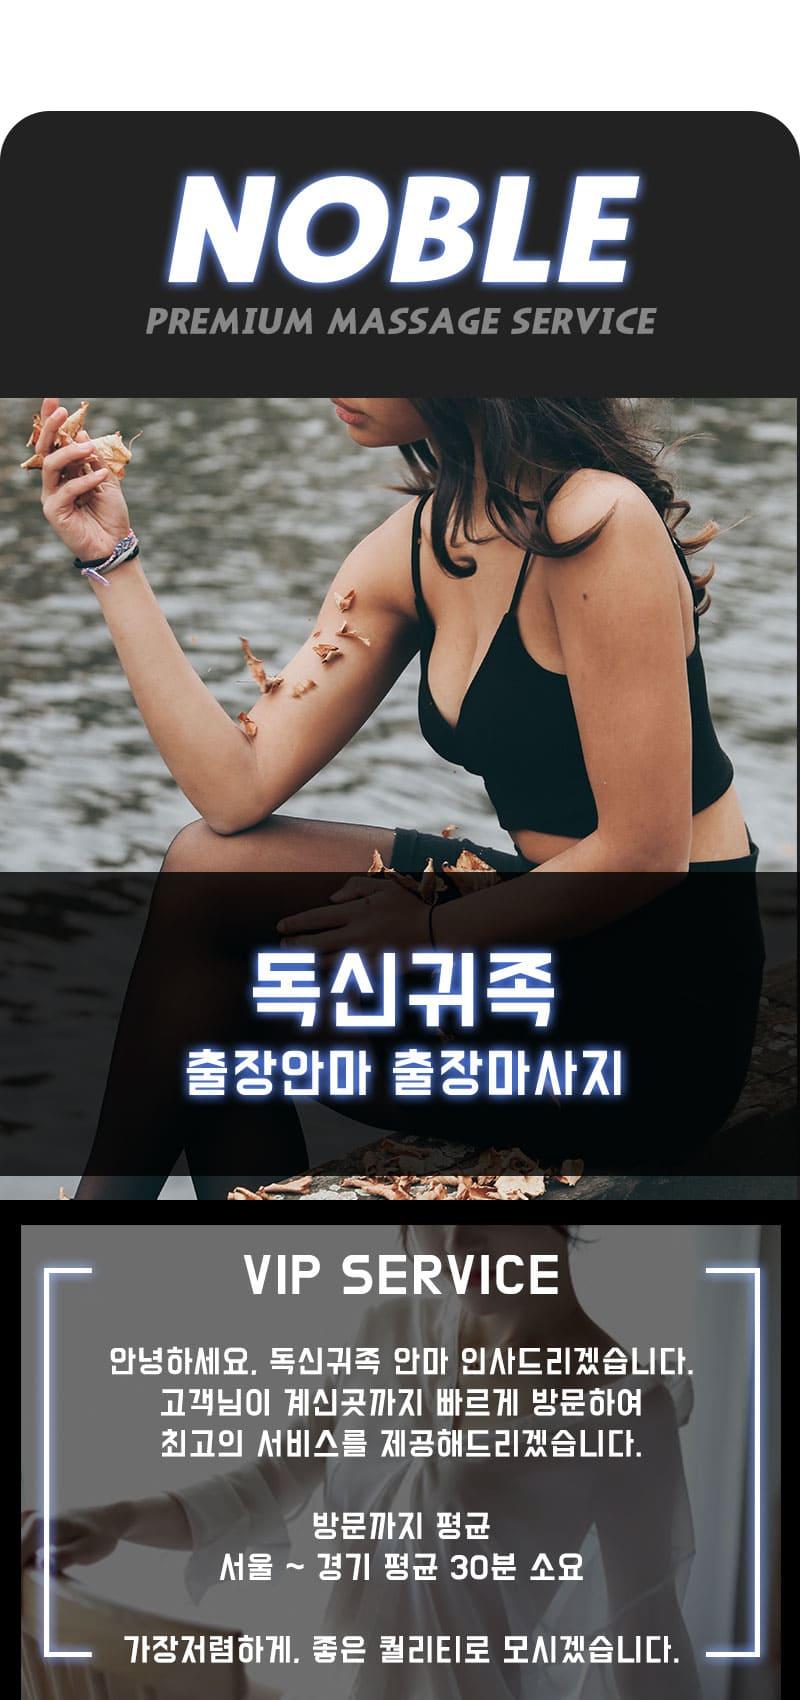 본오동출장안마 소개